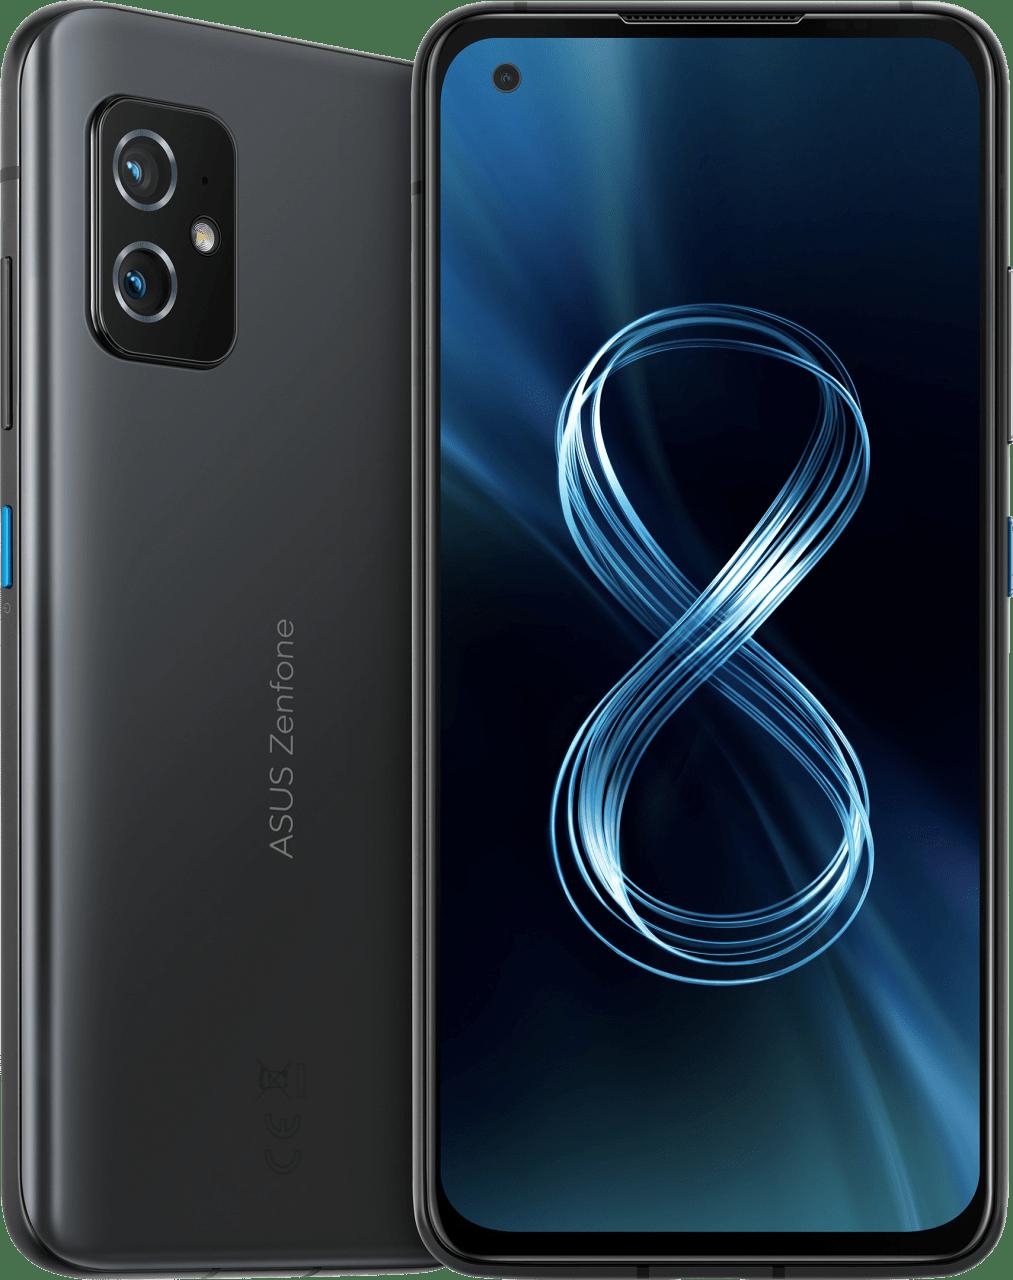 Schwarz Asus Smartphone Zenfone 8 - 128GB - Dual Sim.2